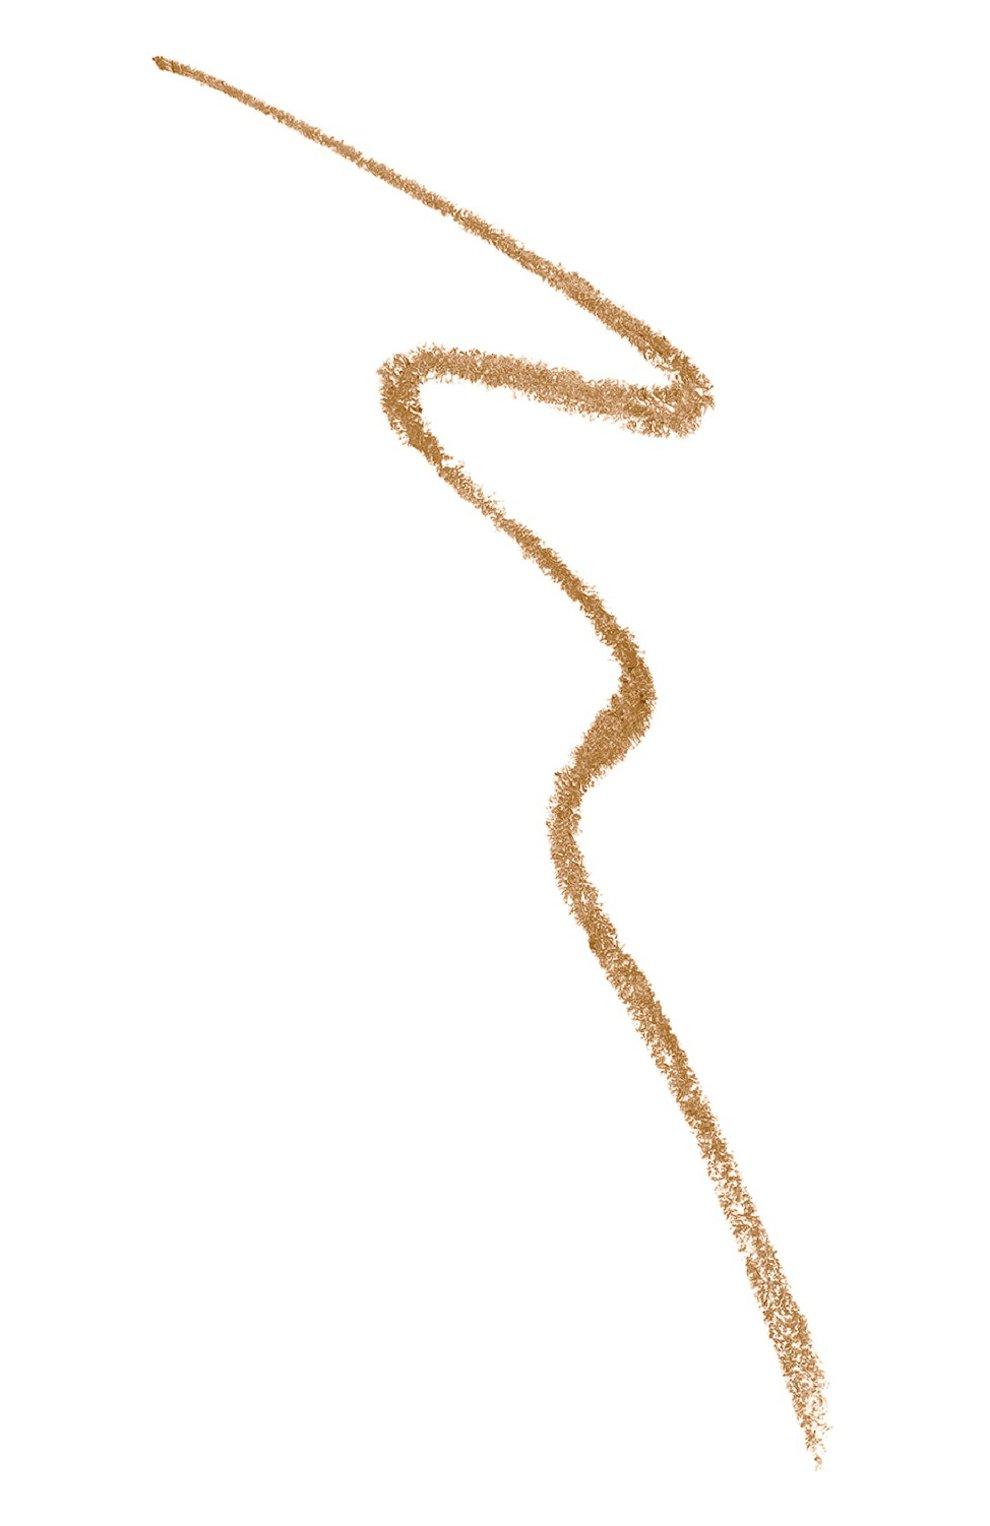 Женский моделирующий карандаш для бровей 3-в-1 inktrio, 01 blonde SHISEIDO бесцветного цвета, арт. 14773SH   Фото 2